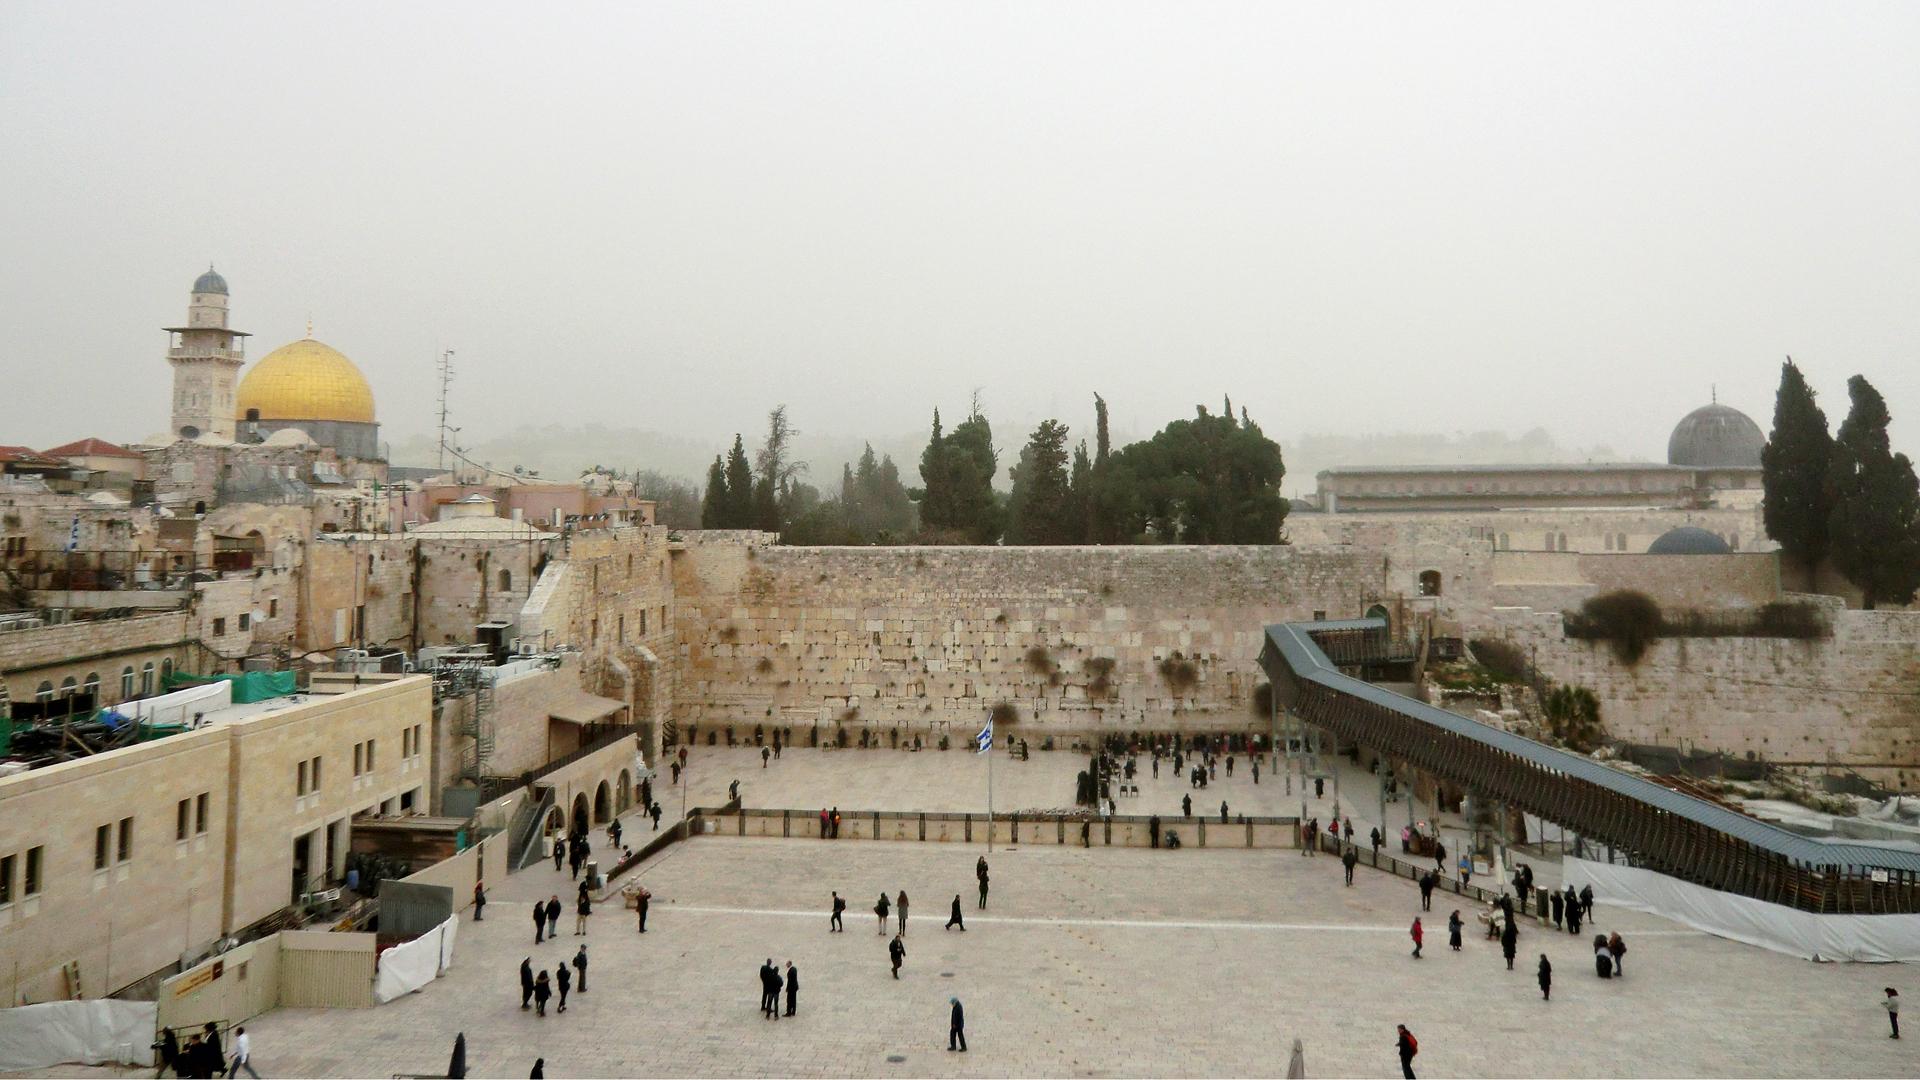 Stadt des Friedens? In Jerusalem treffen Judentum, Christentum und Islam in besonderer Weise aufeinander